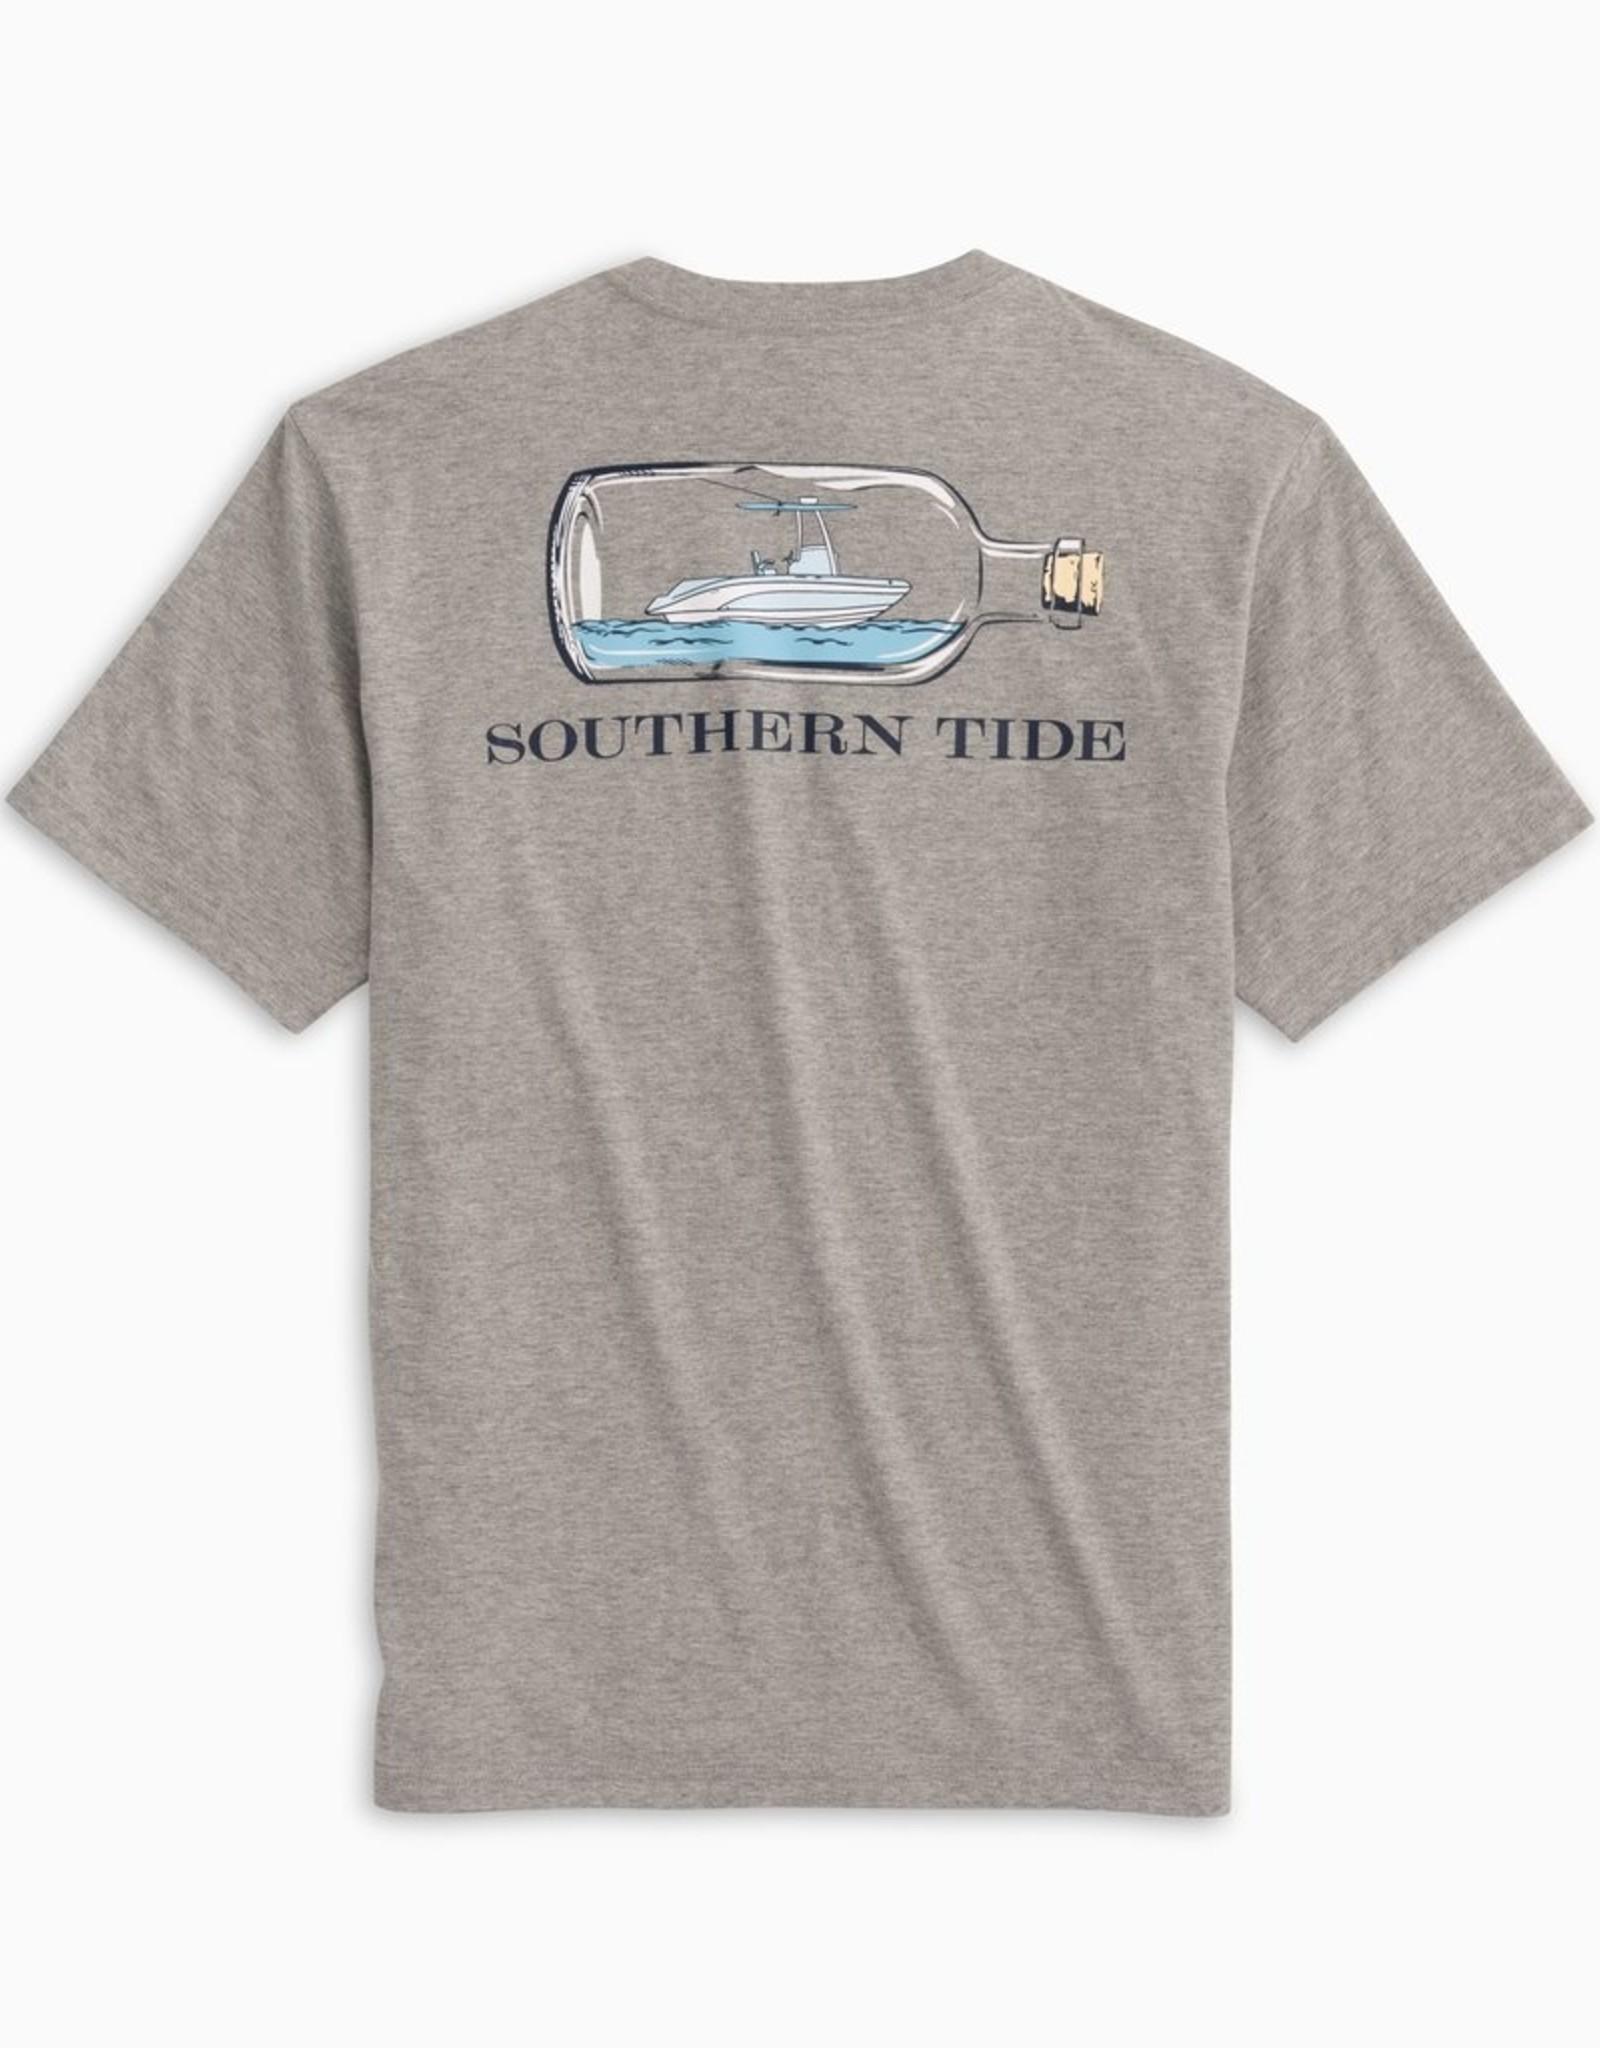 Southern Tide Boat In A Bottle Tee